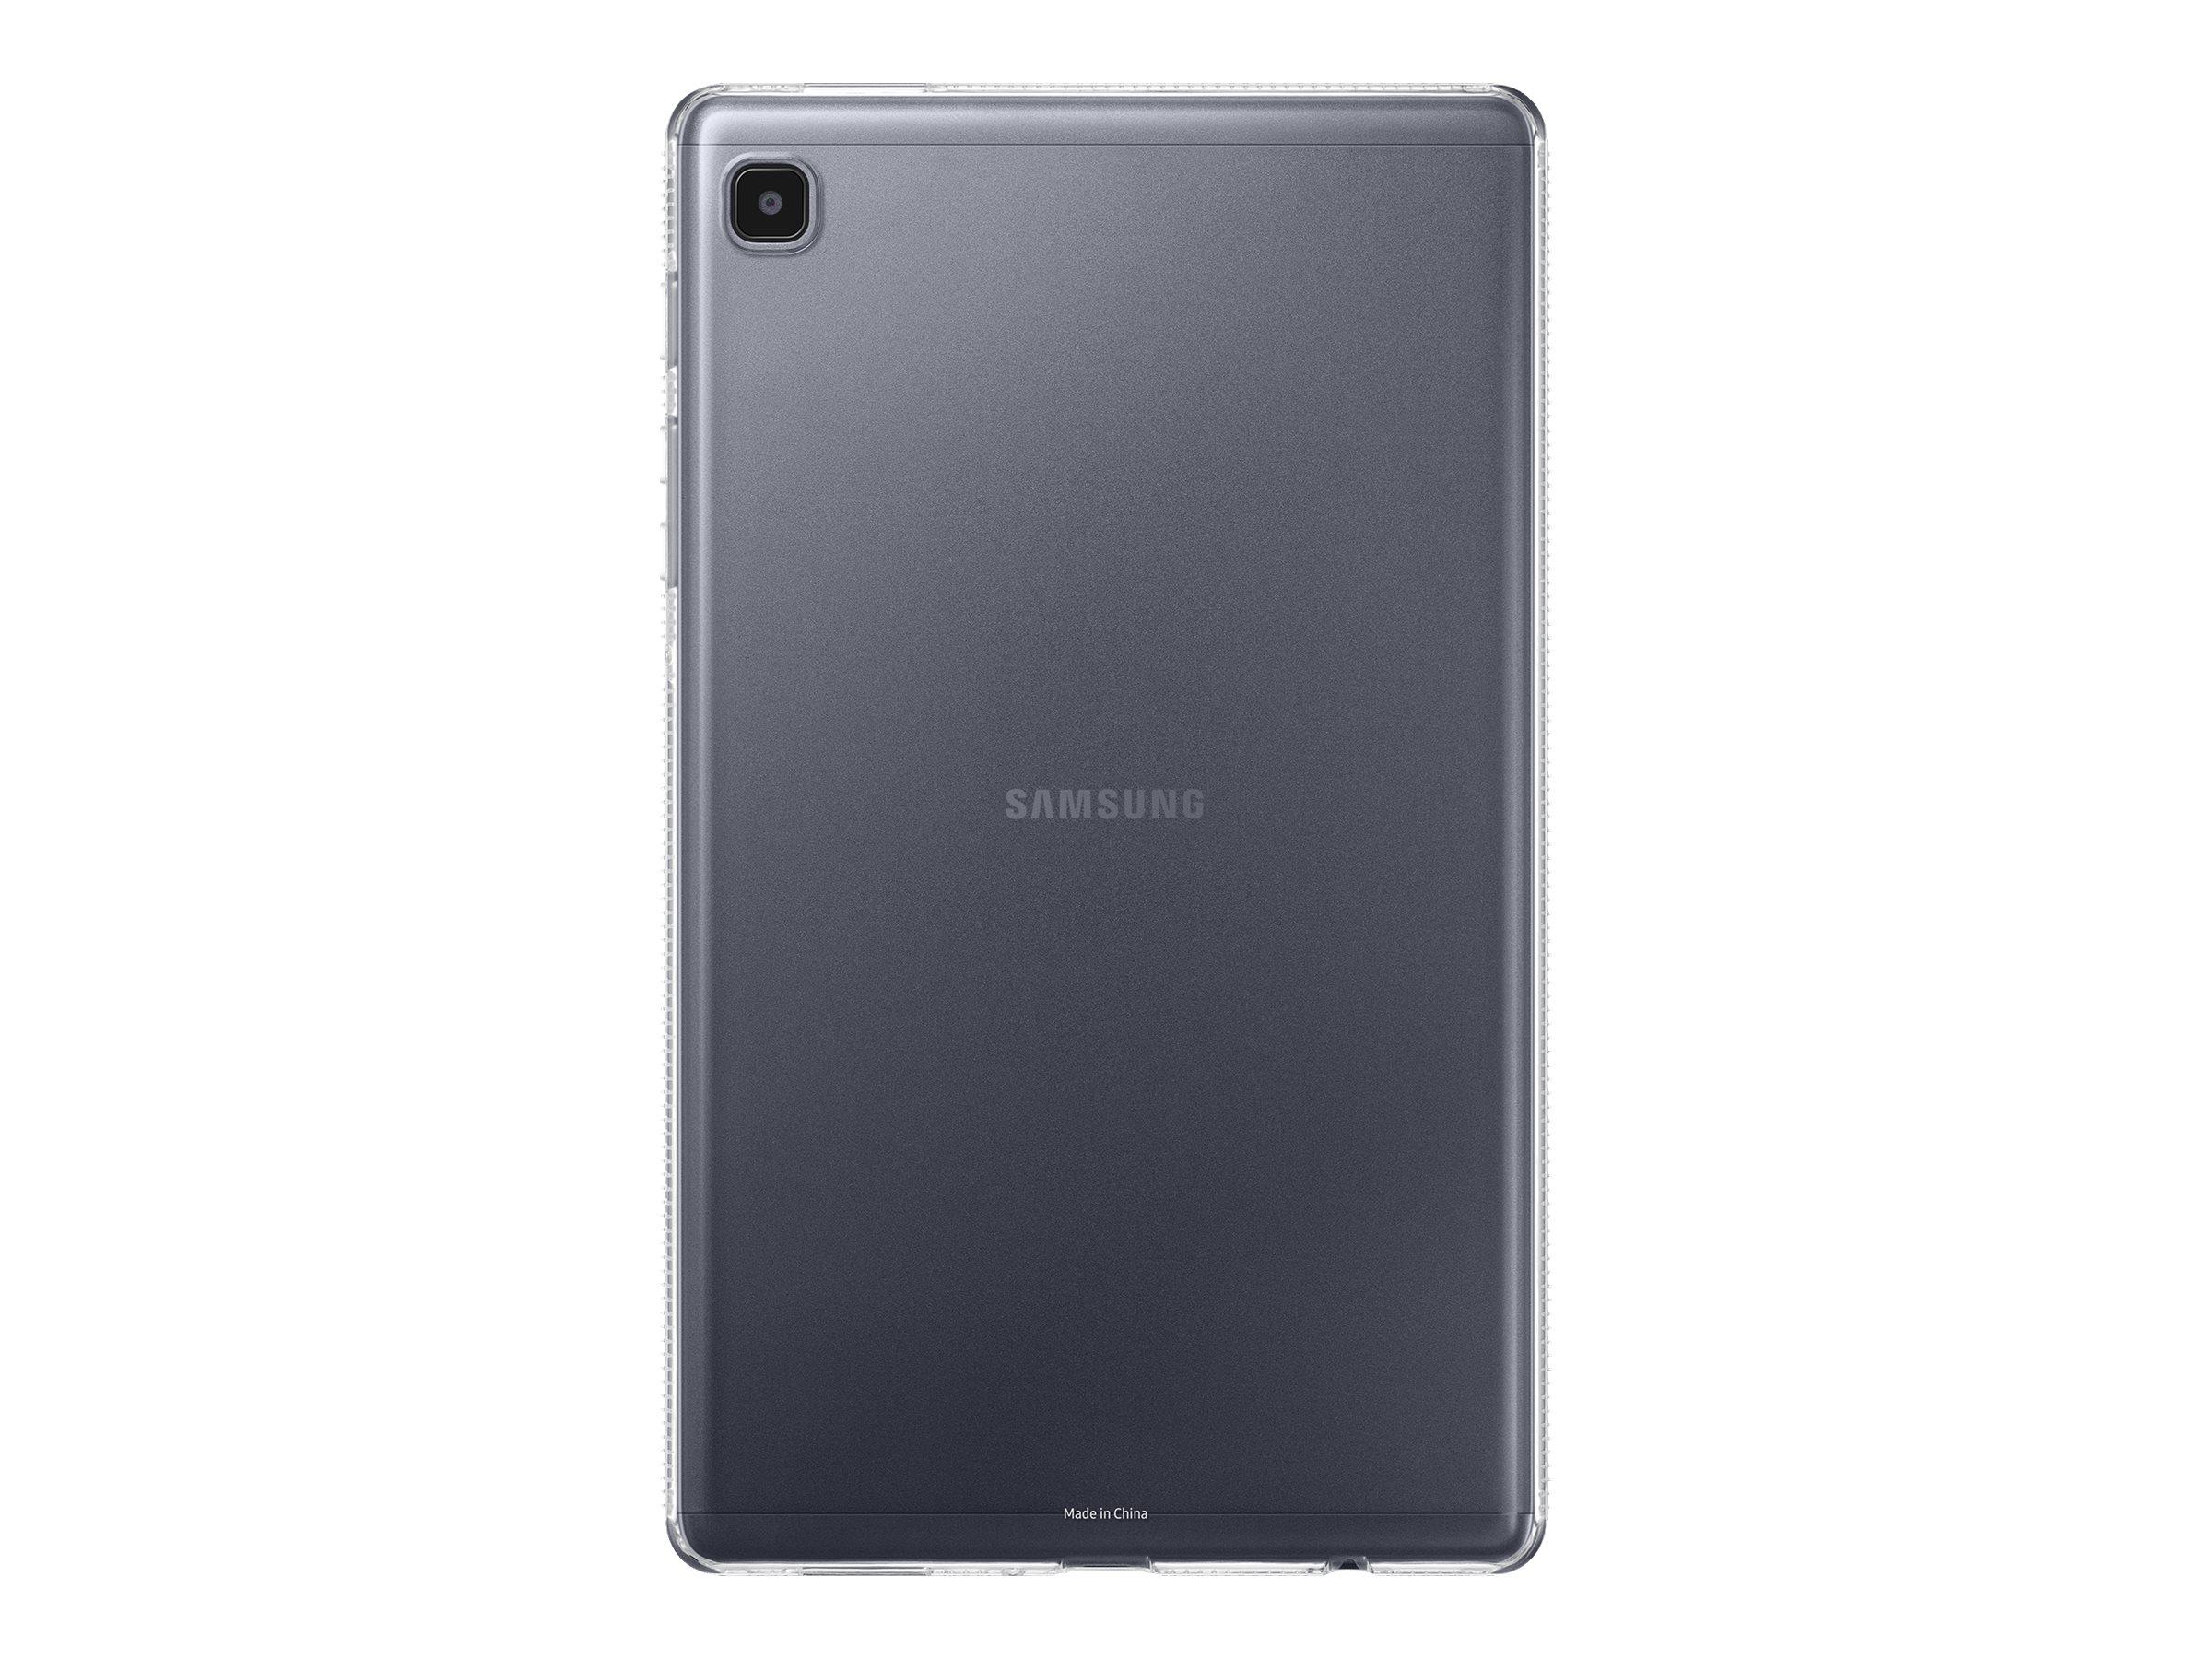 Samsung EF-QT220 - Hintere Abdeckung für Tablet - durchsichtig - für Galaxy Tab A7 Lite